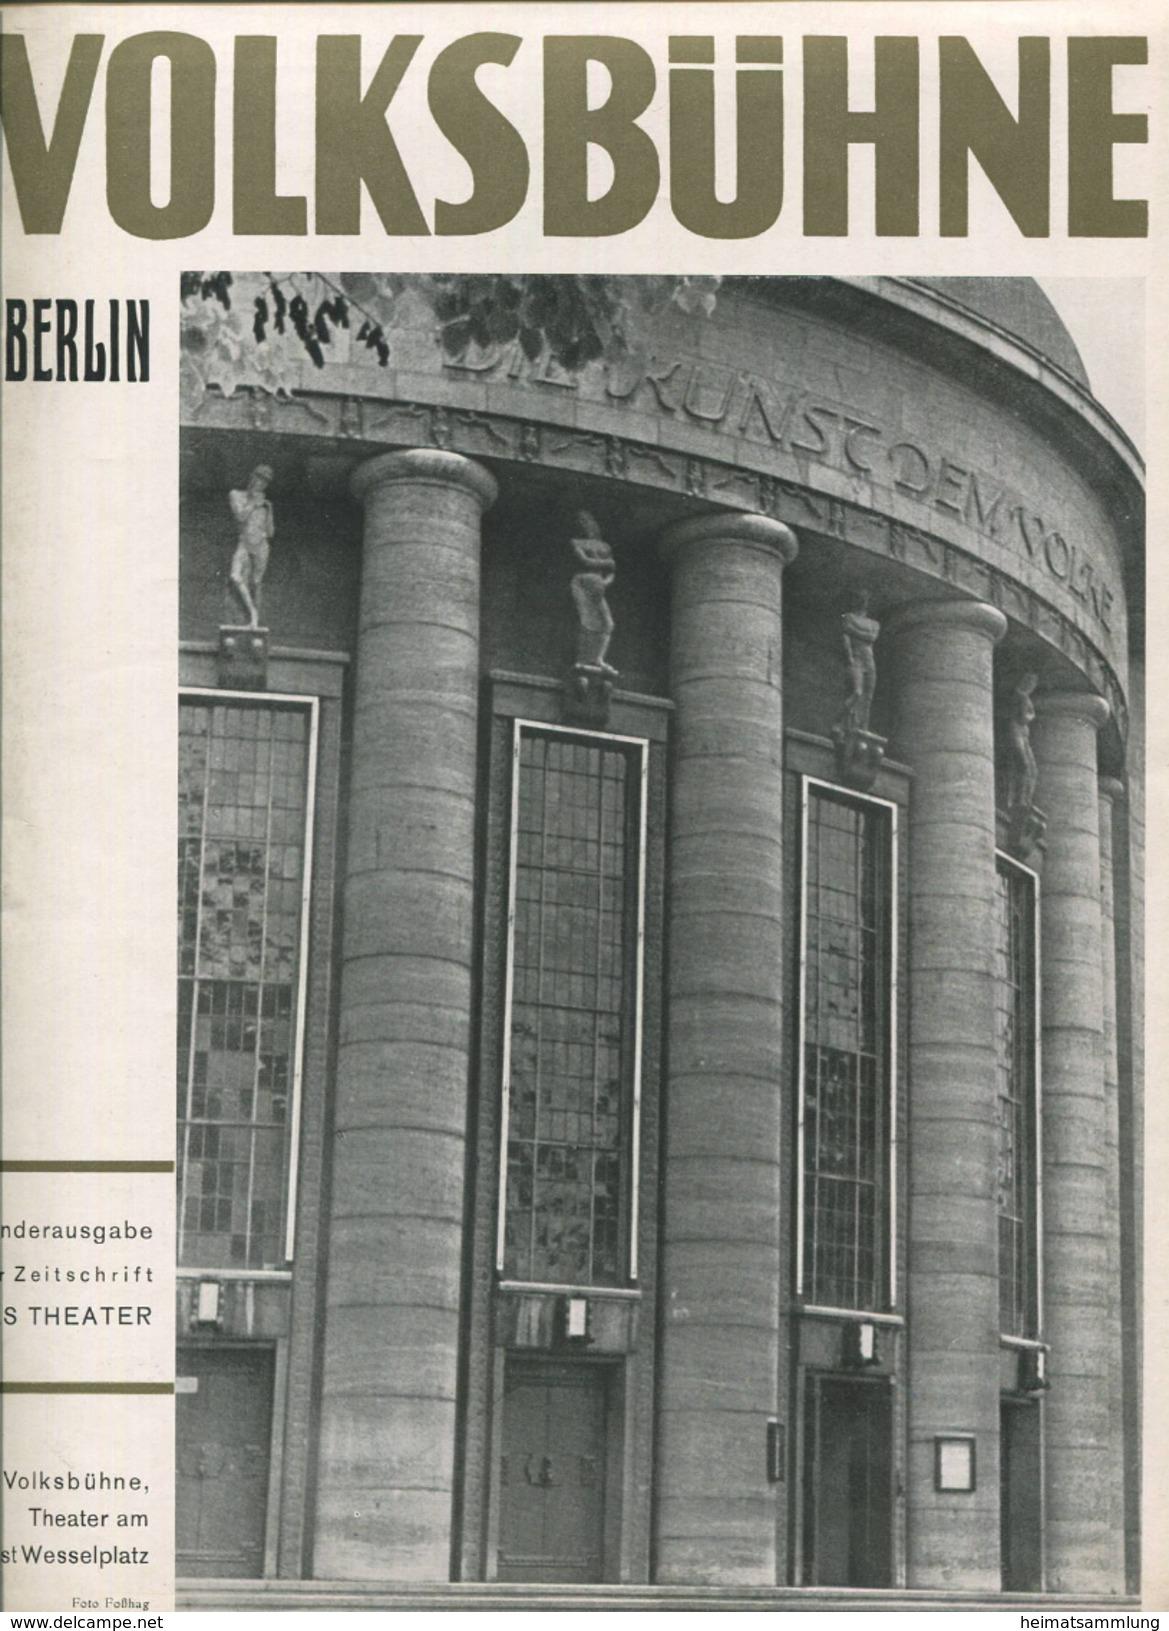 Volksbühne Theater Am Horst Wesselplatz Berlin - Sonderausgabe Der Zeitschrift Das Theater 1937/38 - 16 Seiten Mit 35 Ab - Theatre & Scripts